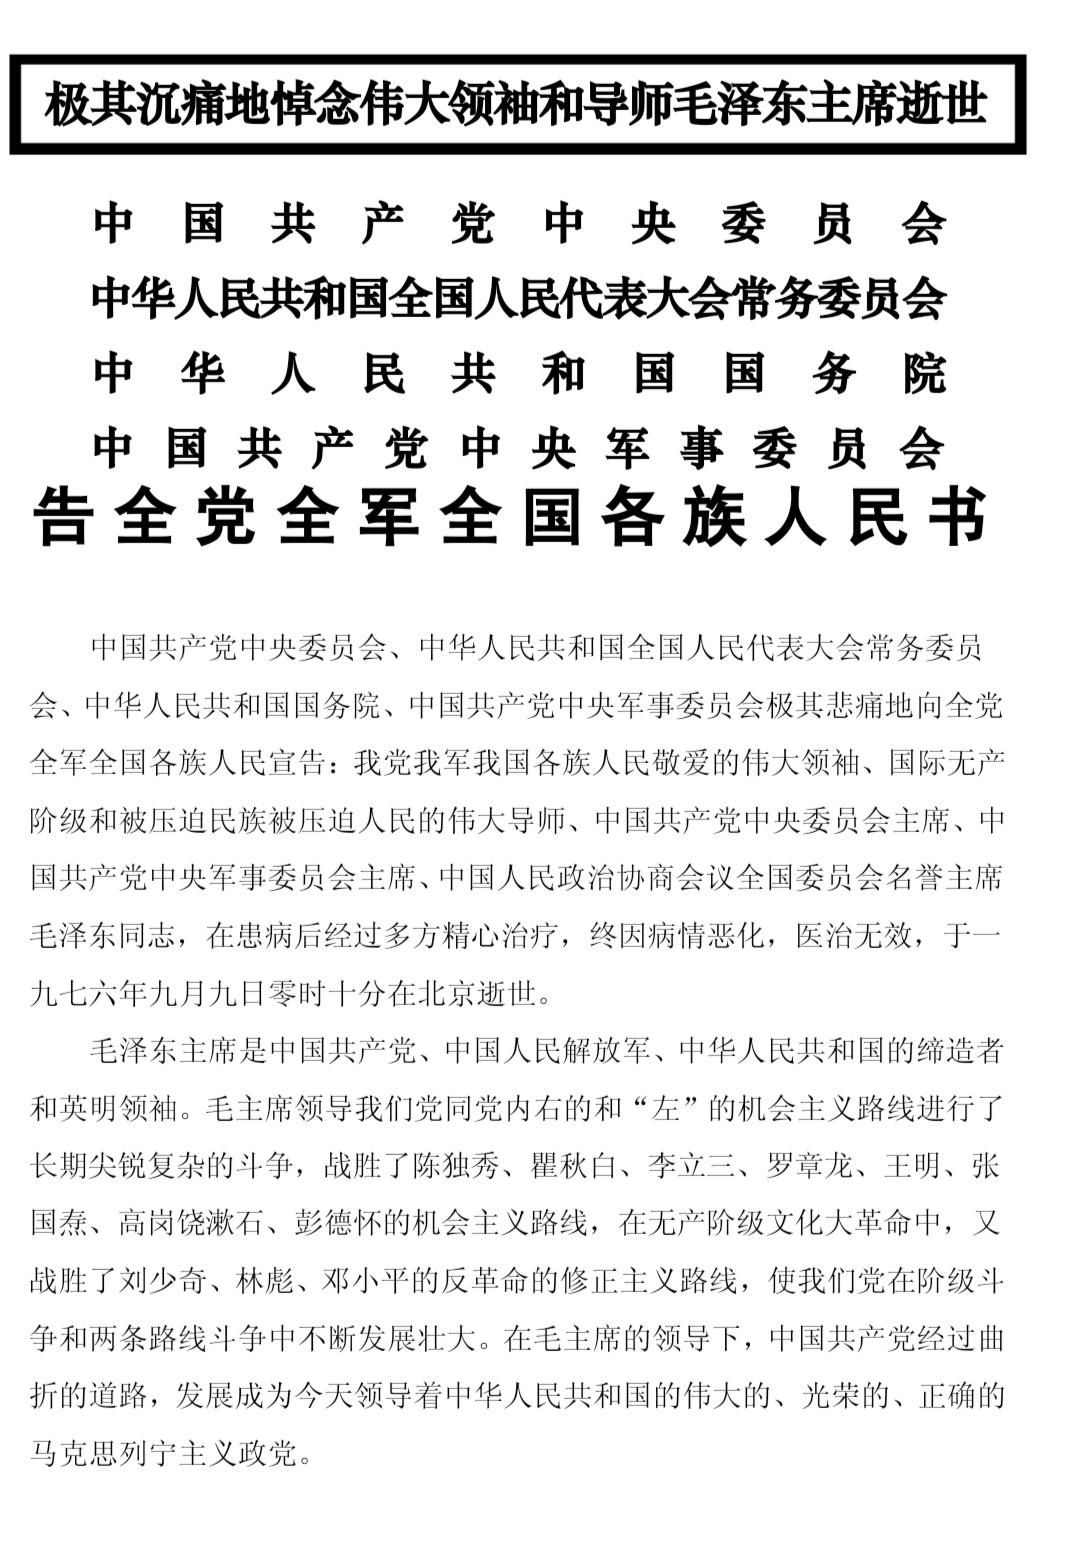 (伟大领袖毛主席逝世四十五周年)告全党全军全国各族人民书 2